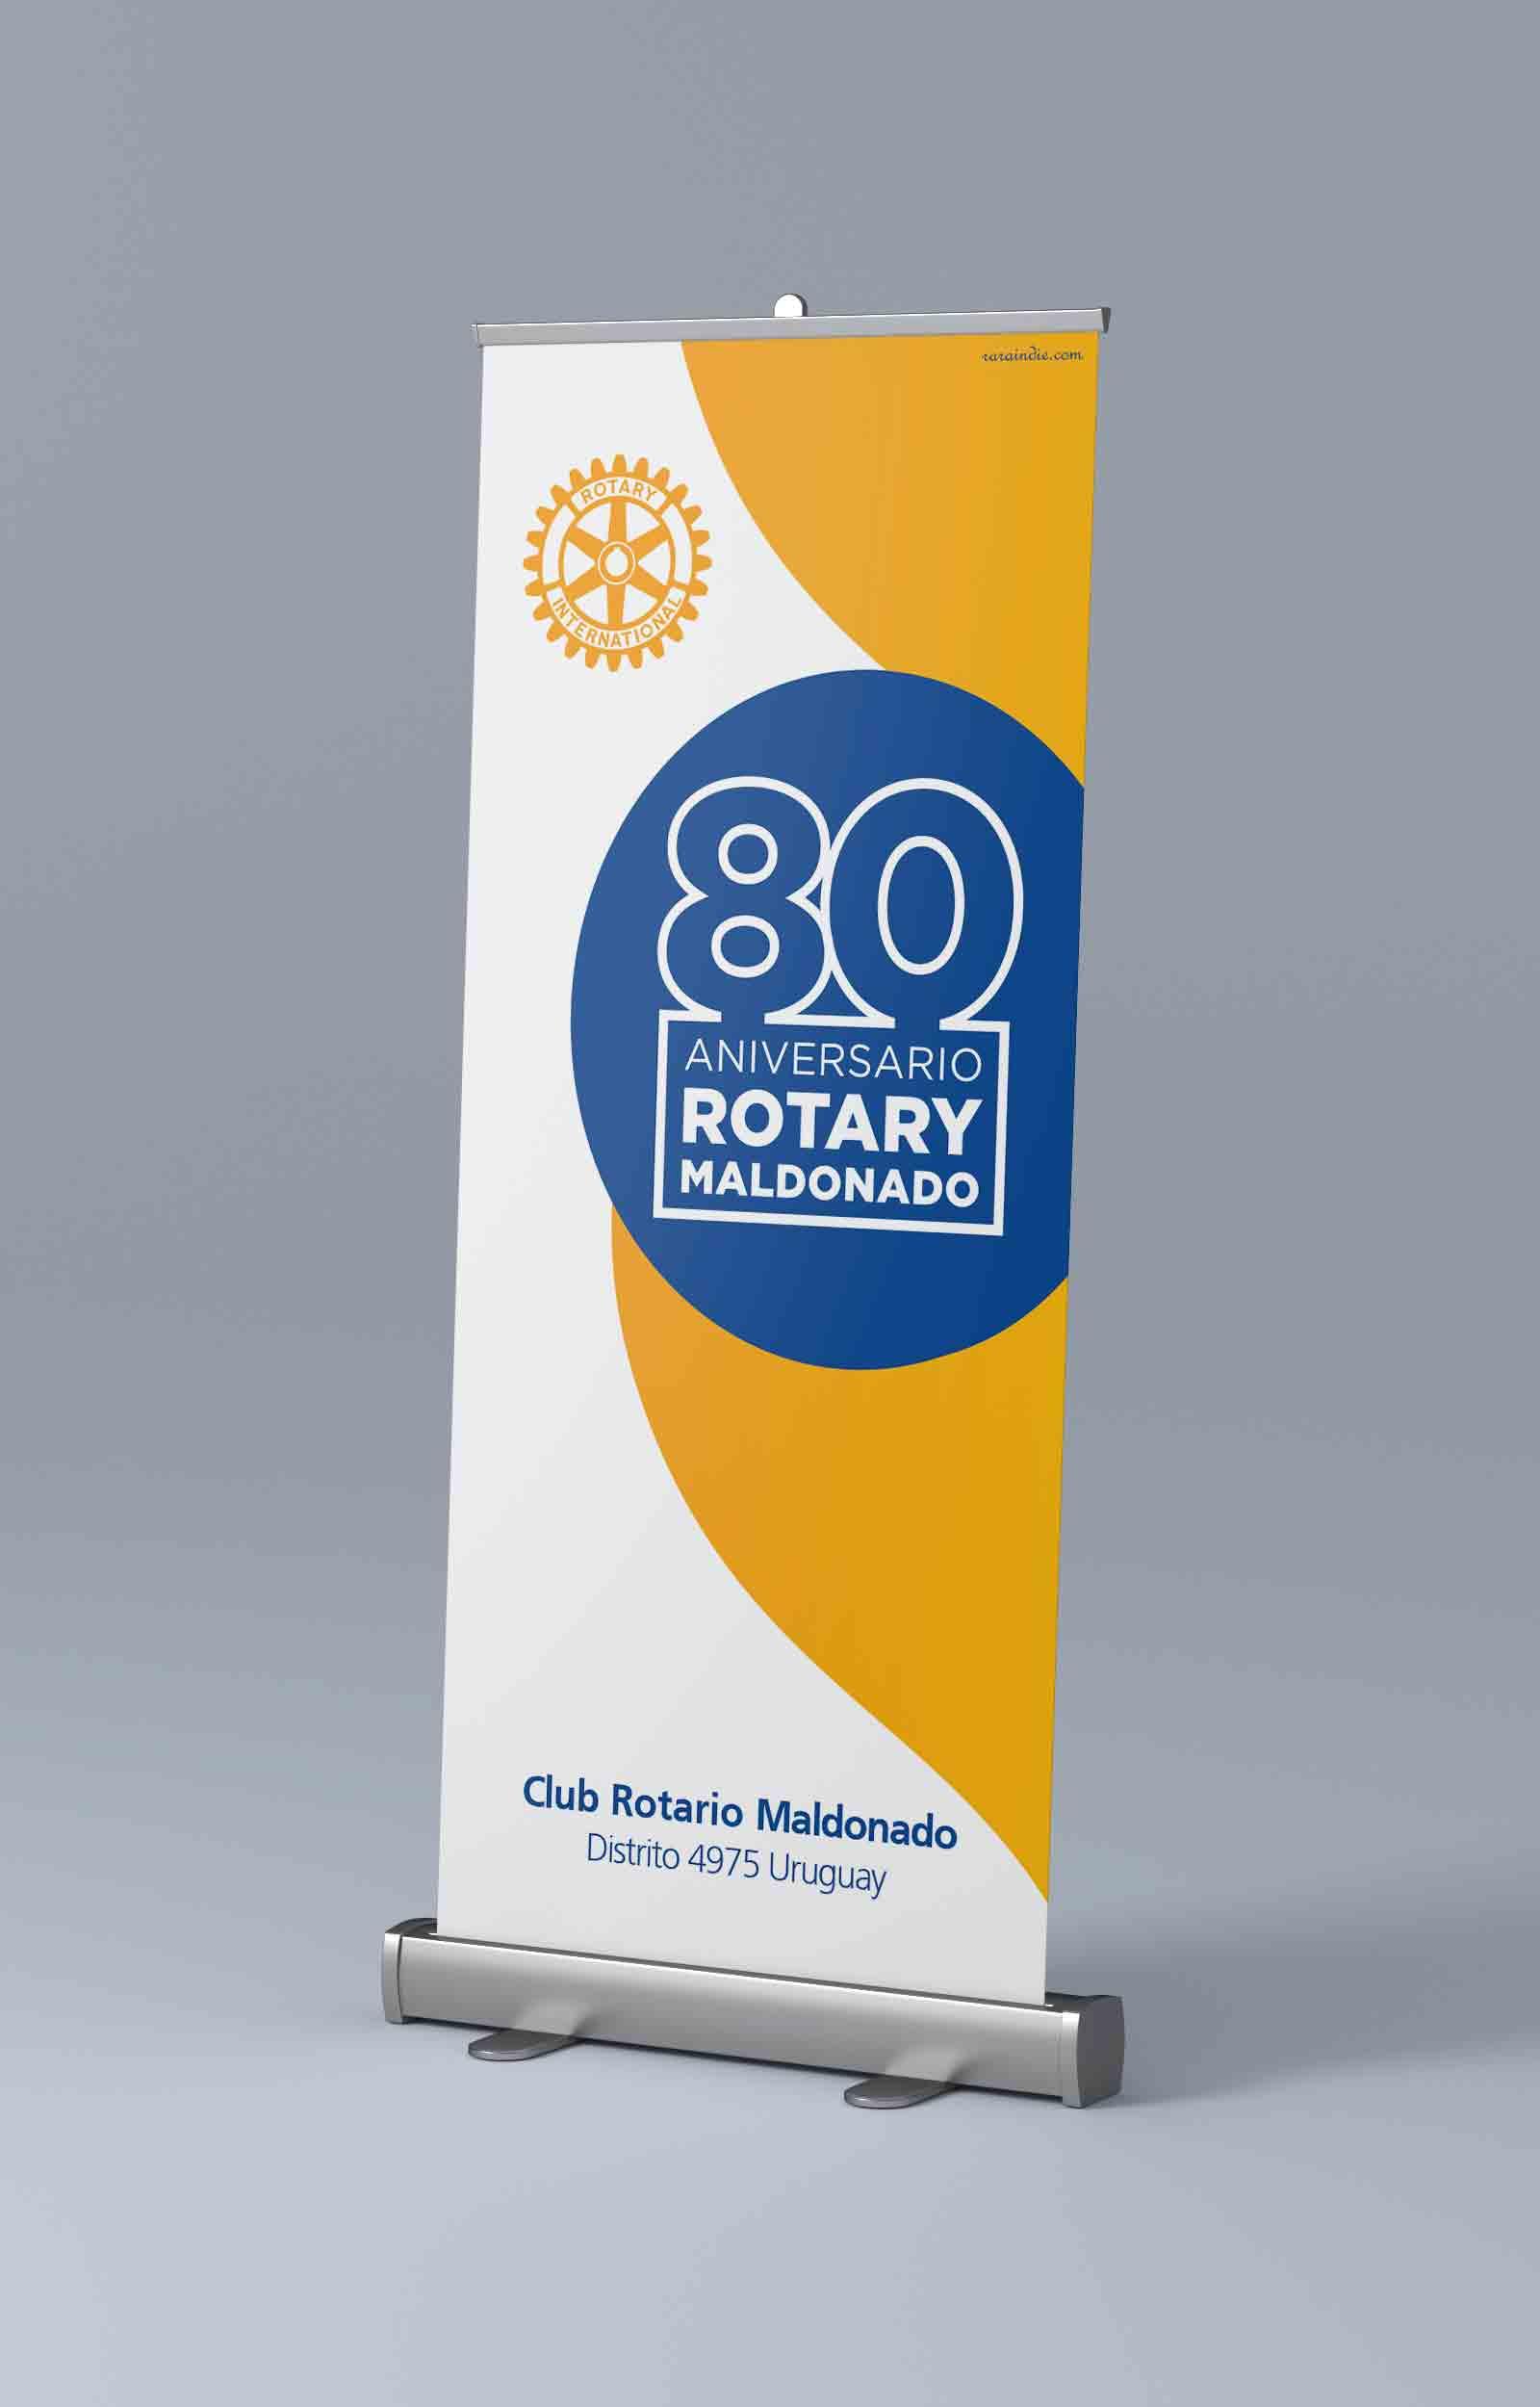 80 Aniversario Rotary Club Maldonado